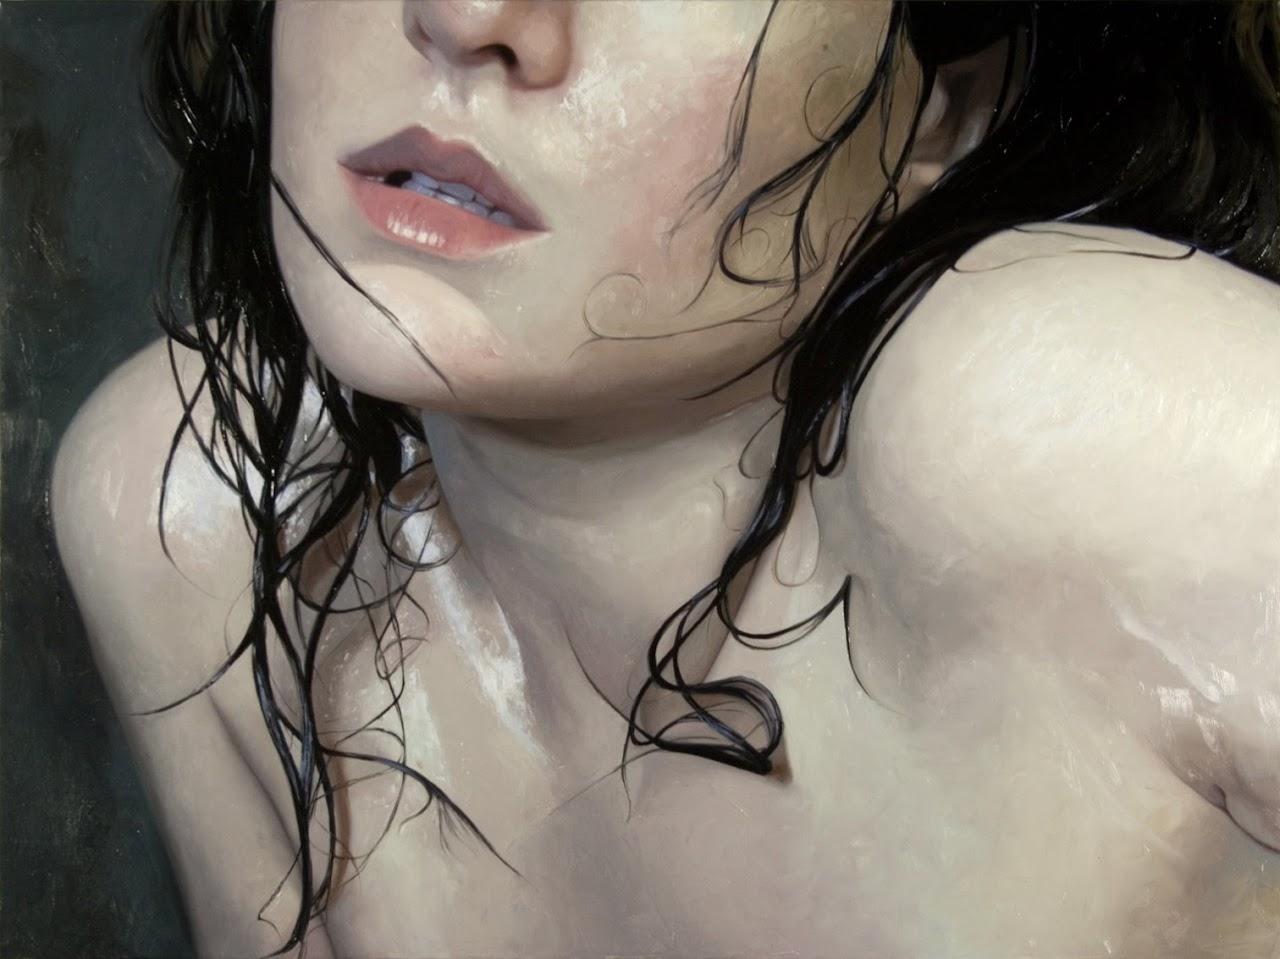 http://3.bp.blogspot.com/-fa8BMtYHt2U/T7qxU7ad9VI/AAAAAAAAAyA/JV0Oi7L50qk/s1280/Wet+(Alyssa+Monks).jpg